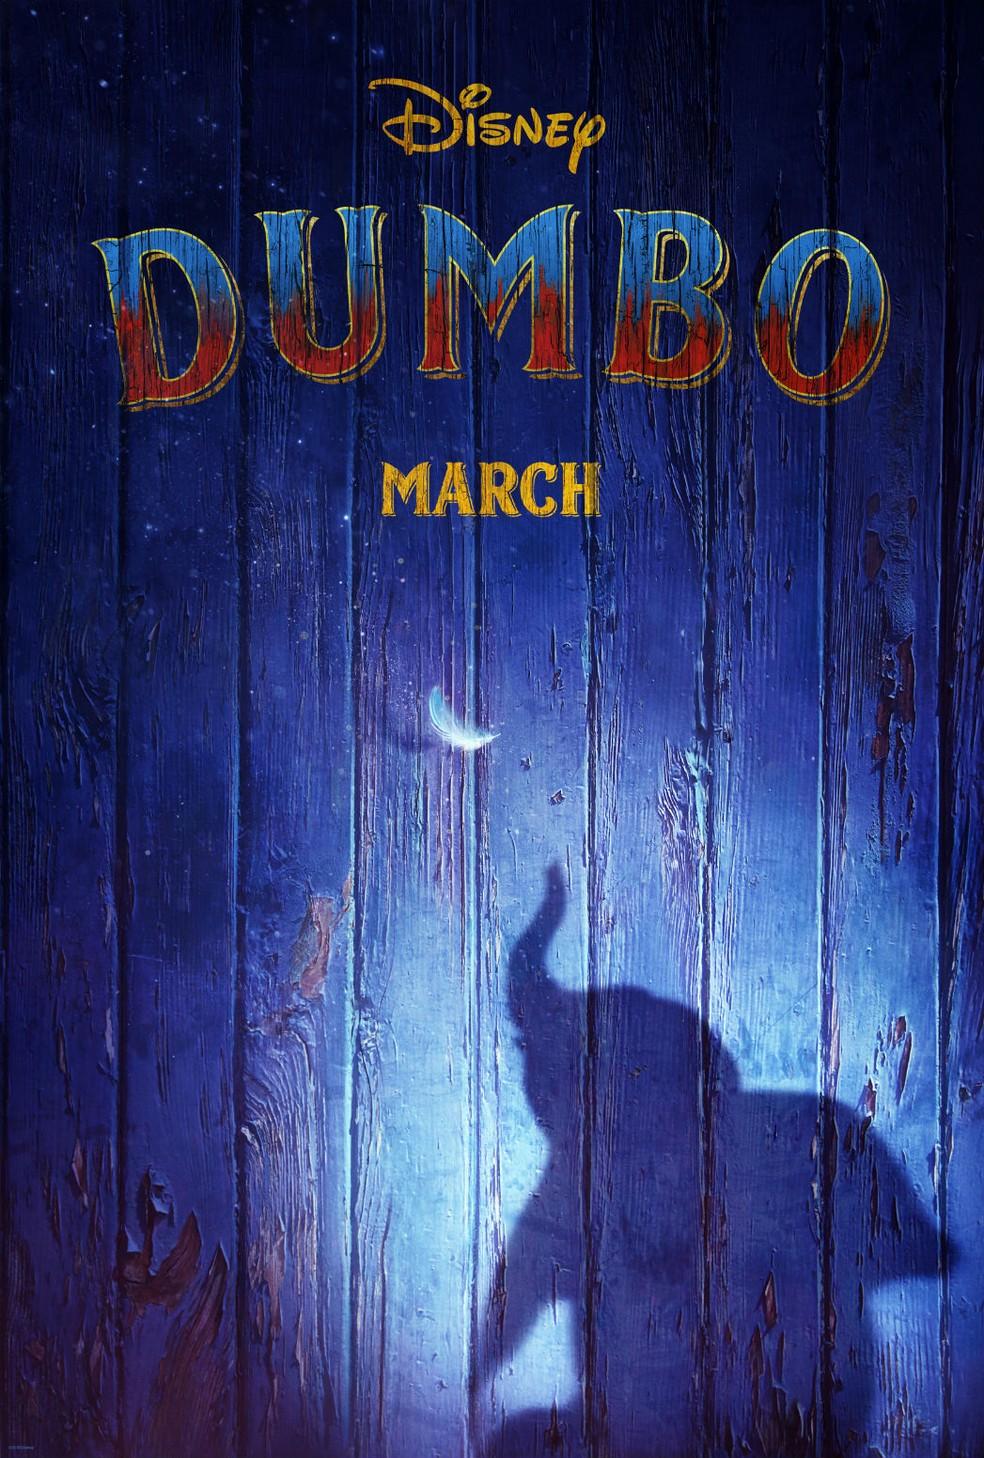 -  Primeiro pôster de   39;Dumbo  39;, divulgado pela Disney  Foto: Divulgação